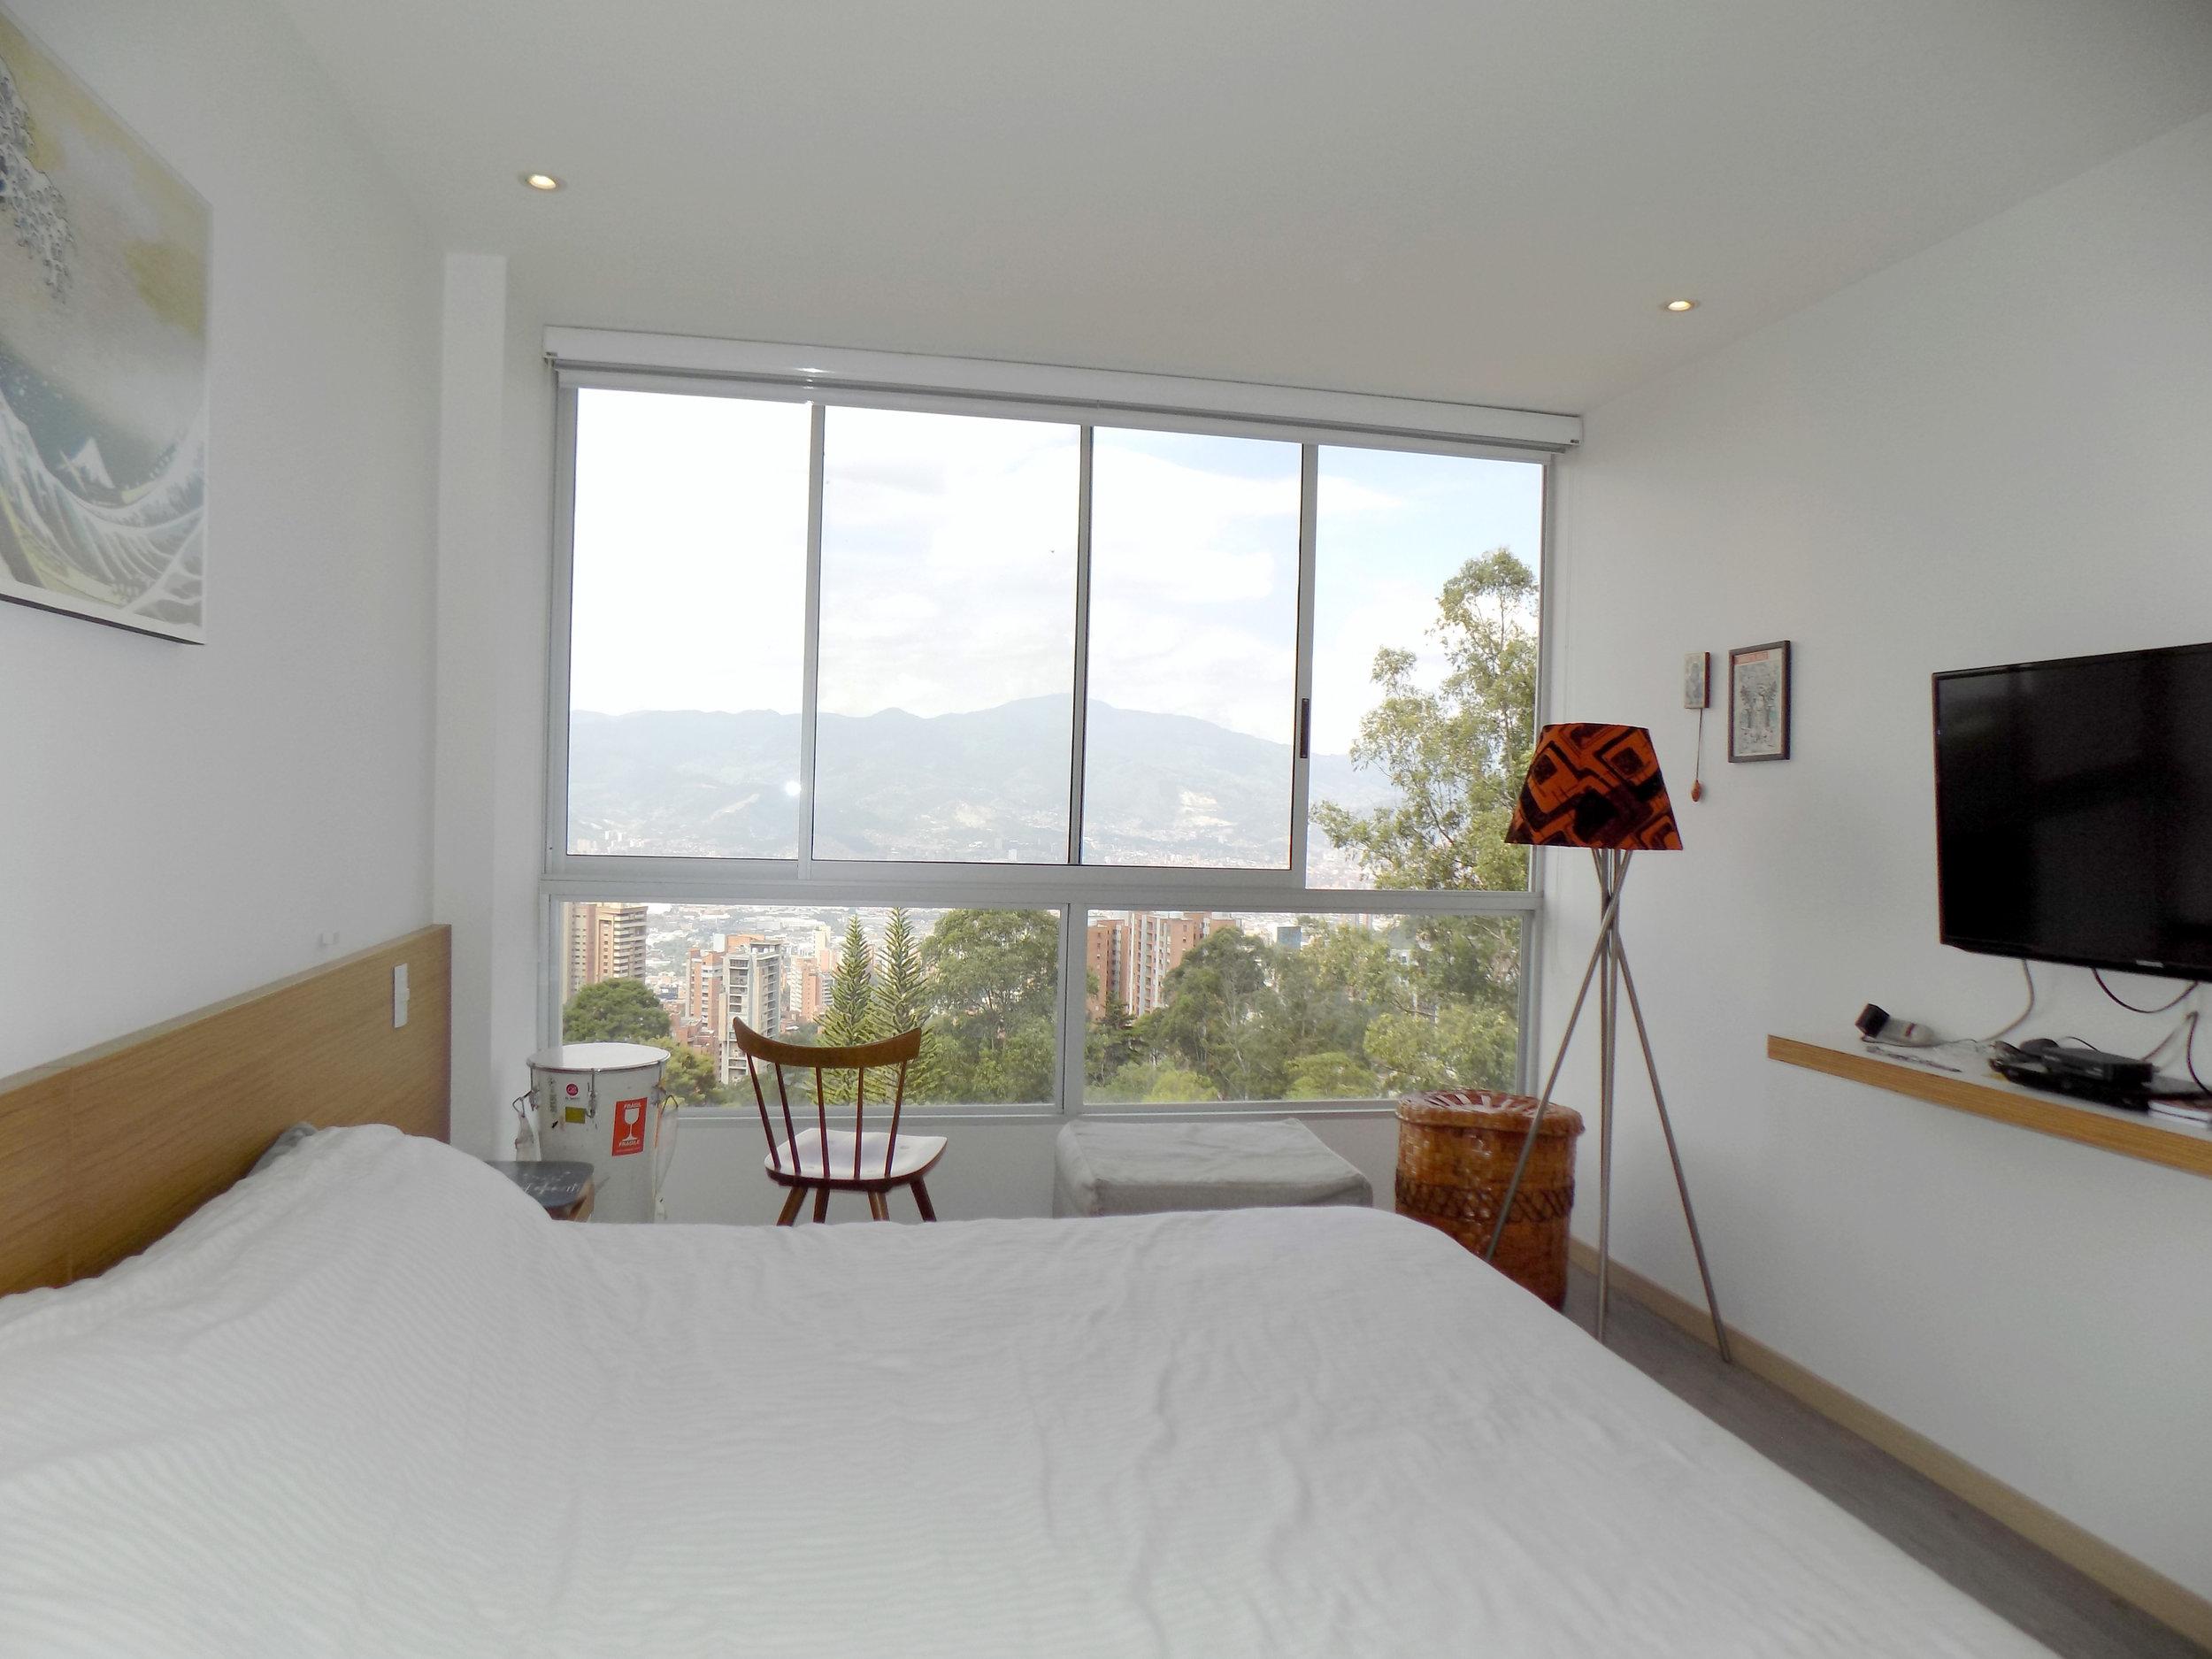 10 Habitación Principal Vista.JPG